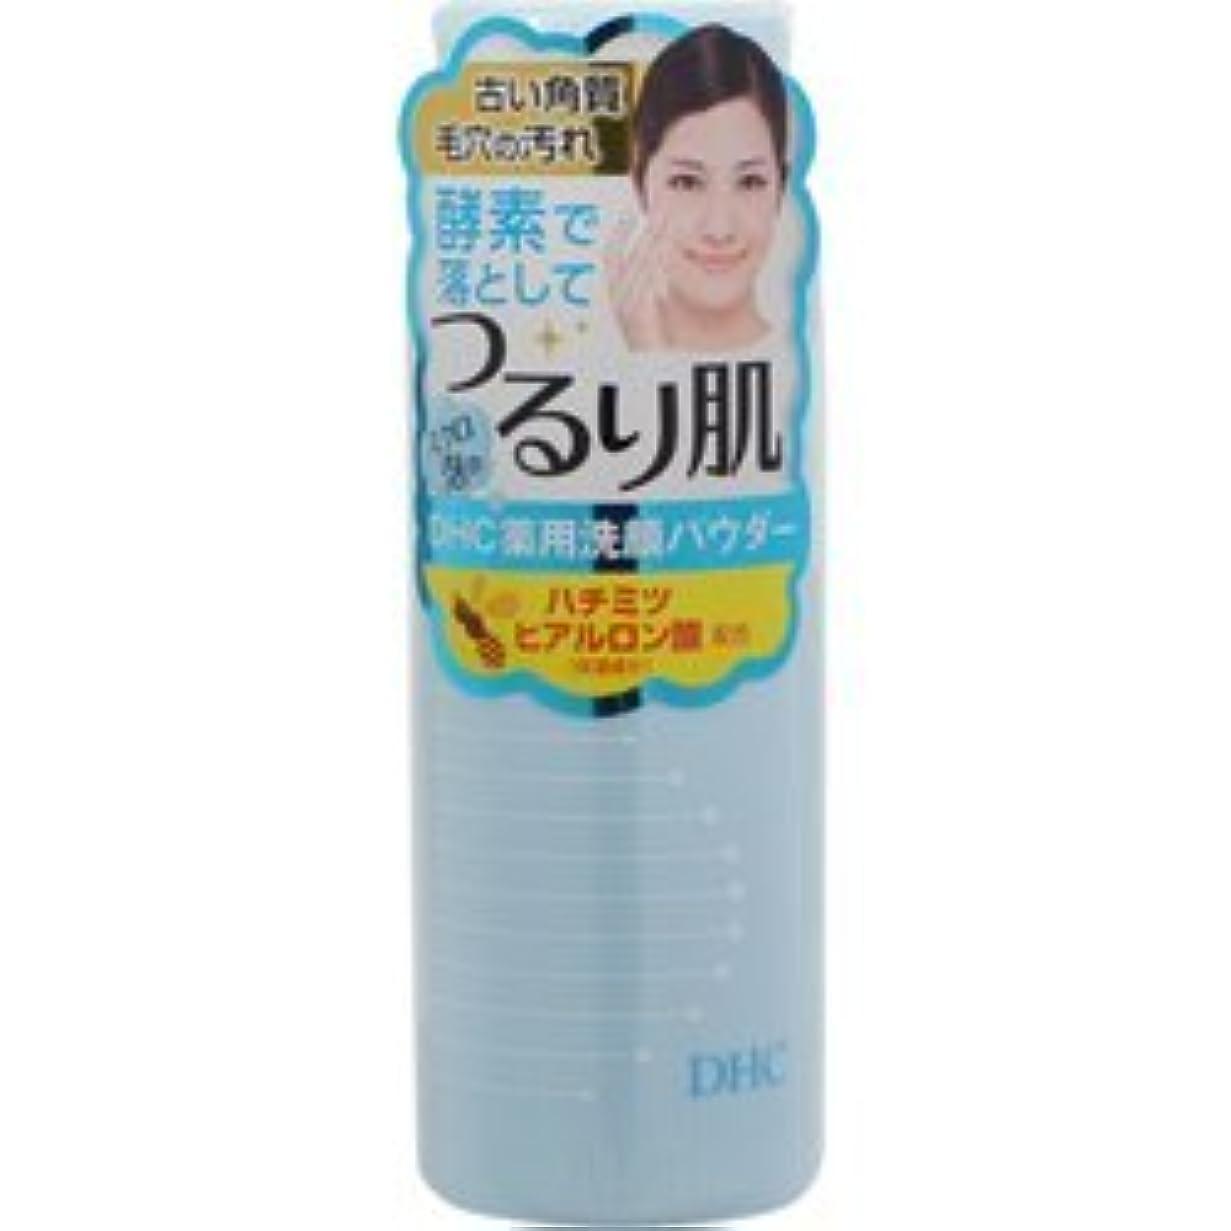 ジャズごめんなさいフレームワーク【DHC】薬用洗顔パウダーSS 50g ×5個セット